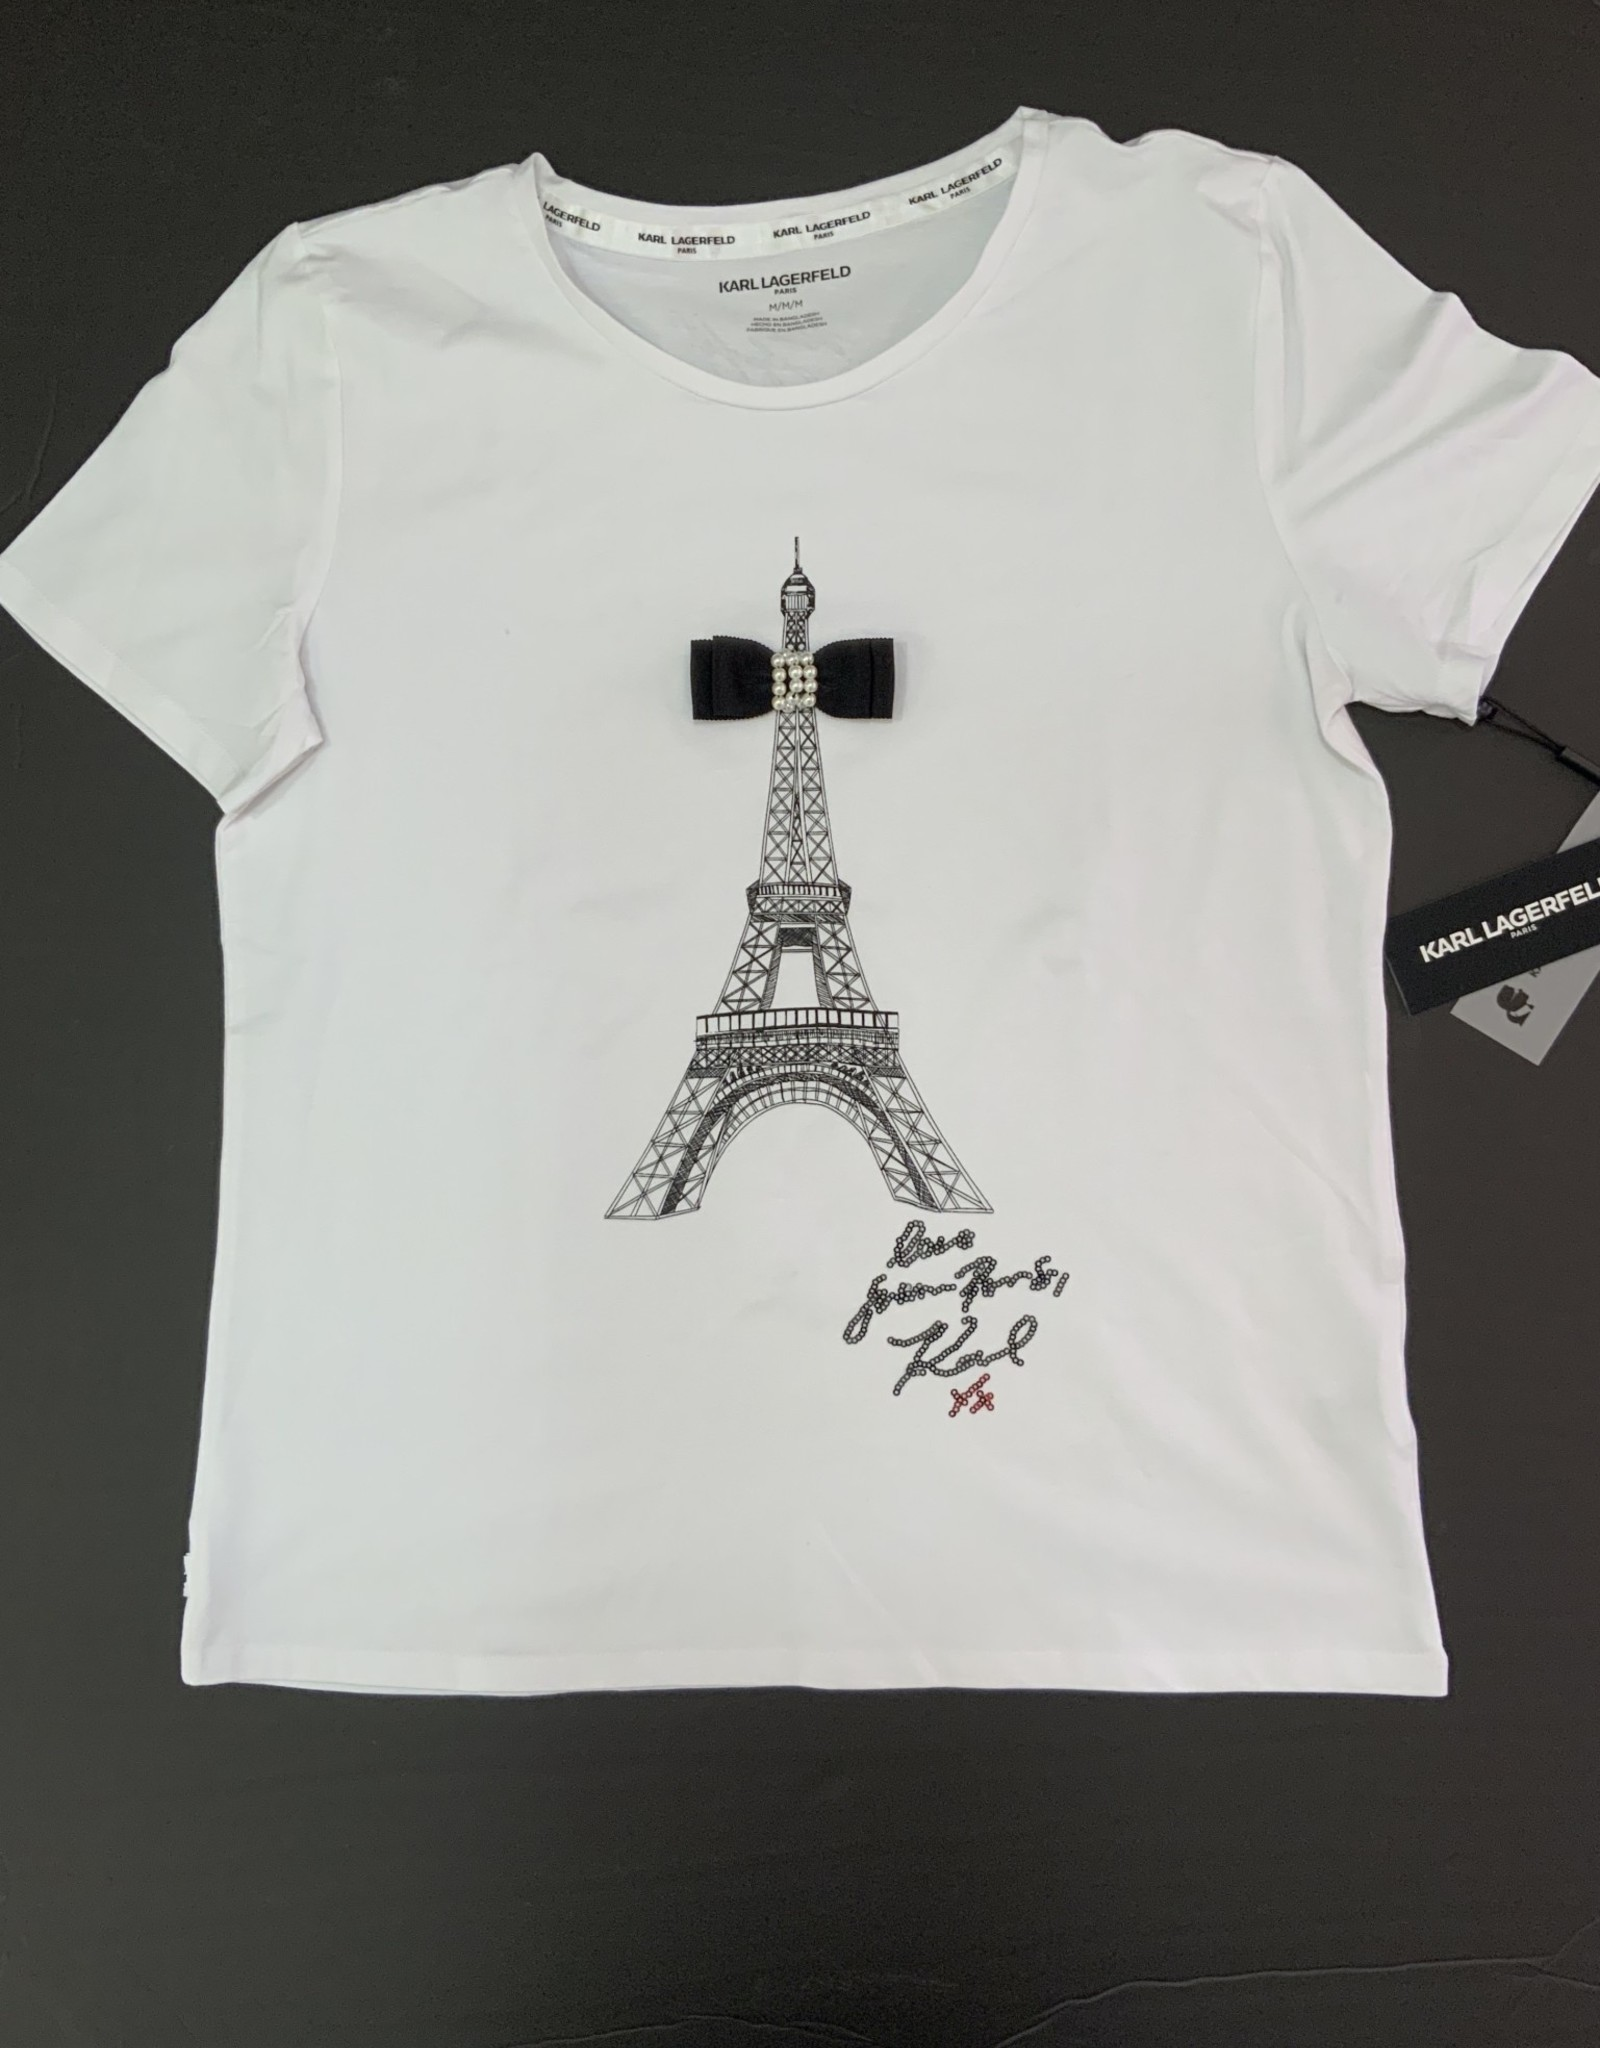 Karl Lagerfeld Karl Lagerfeld Tee Eiffel Tower Bow Tie